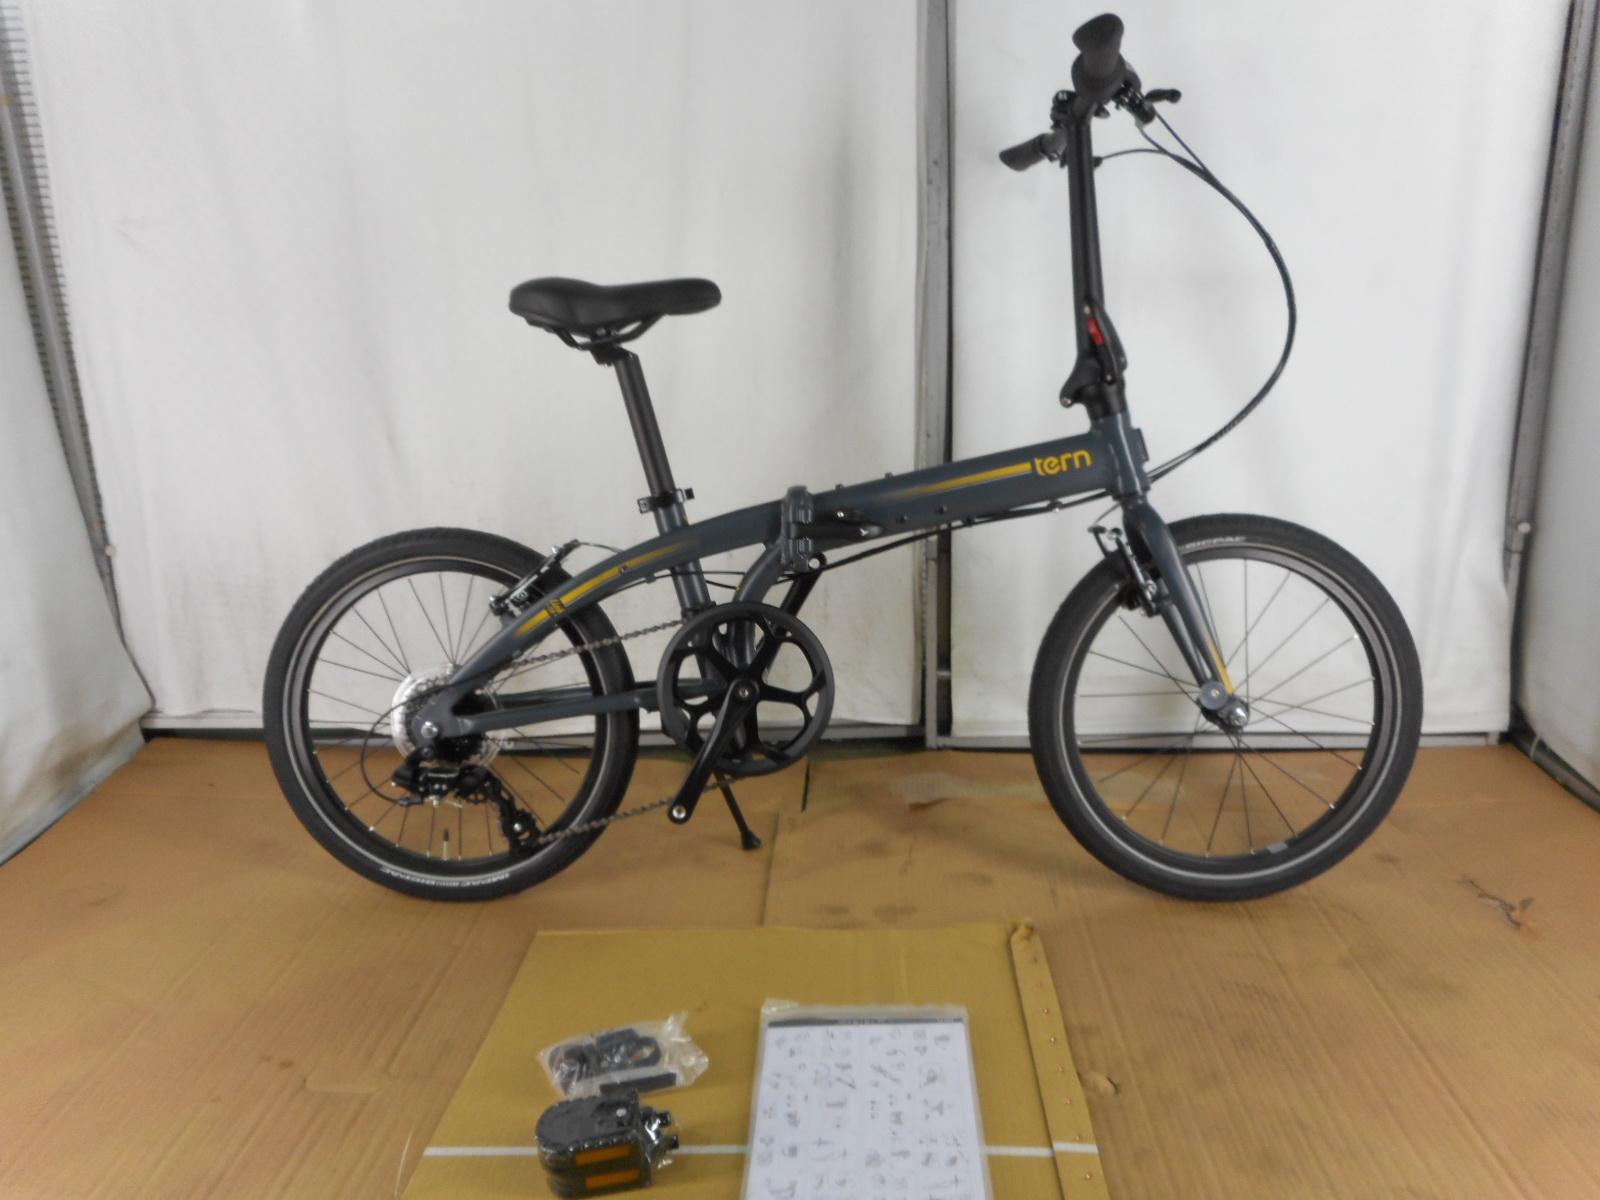 【整備済】【30%OFF】アウトレット2019Tern(ターン)LINK C8(リンクC8) MATTE SHALE MANGO 折りたたみ自転車 在庫限り